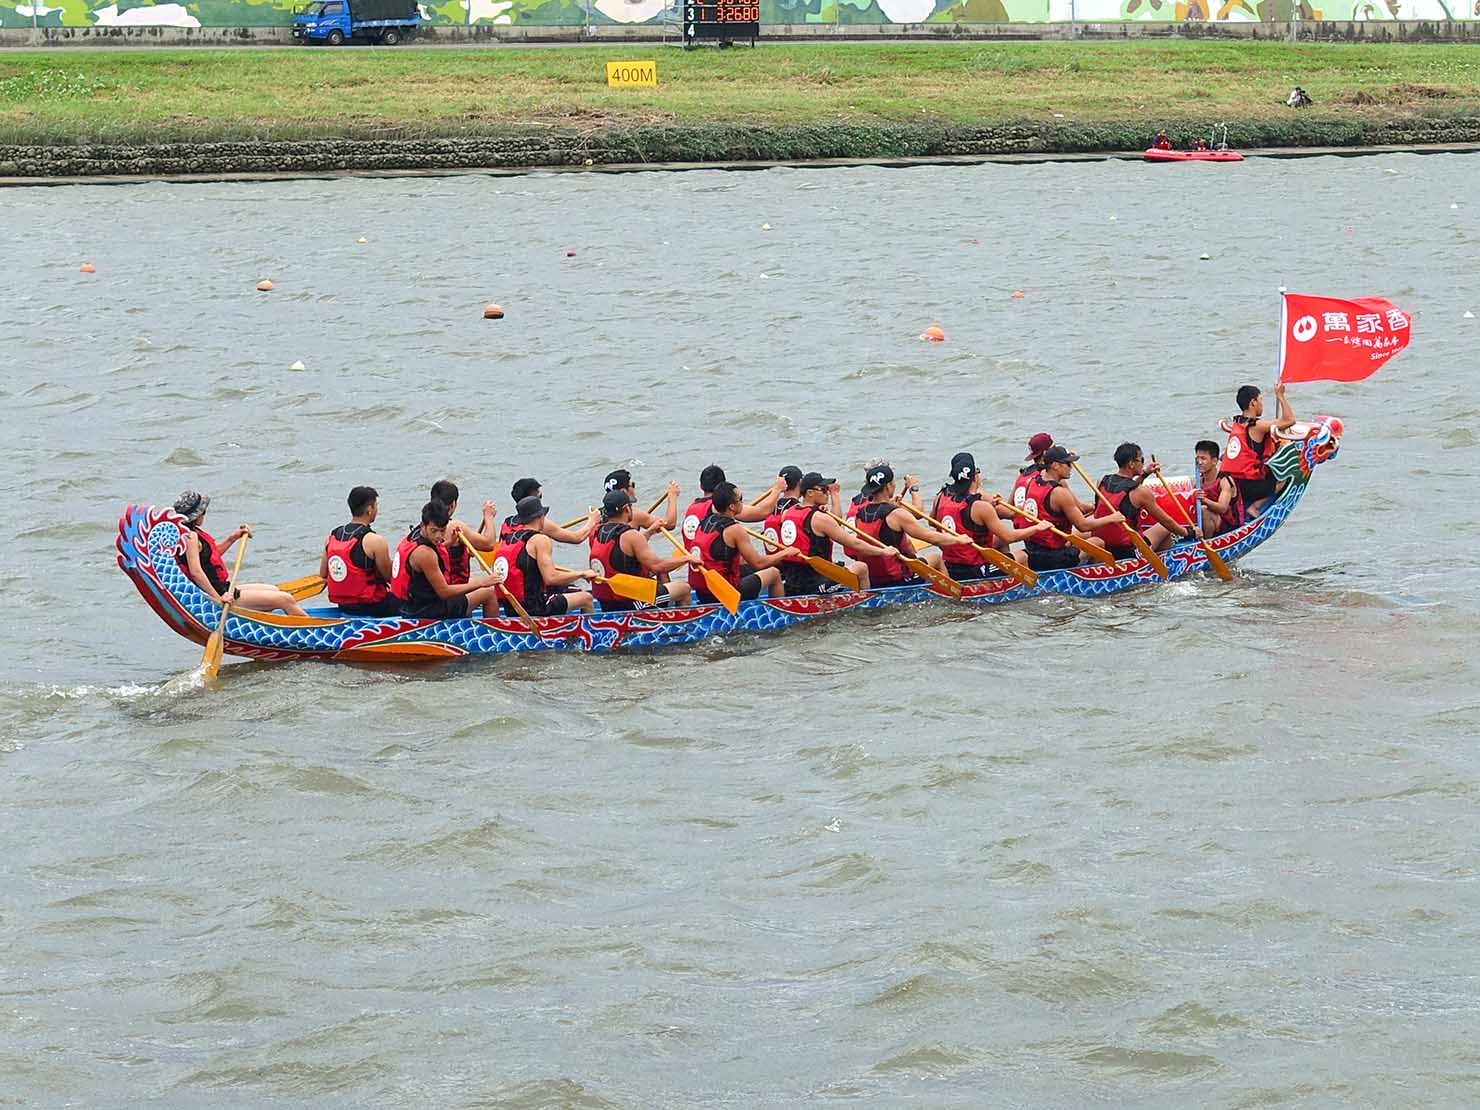 端午節の台北で行われた「龍舟競賽(ドラゴンボートレース)」でボートを漕ぐ選手たち